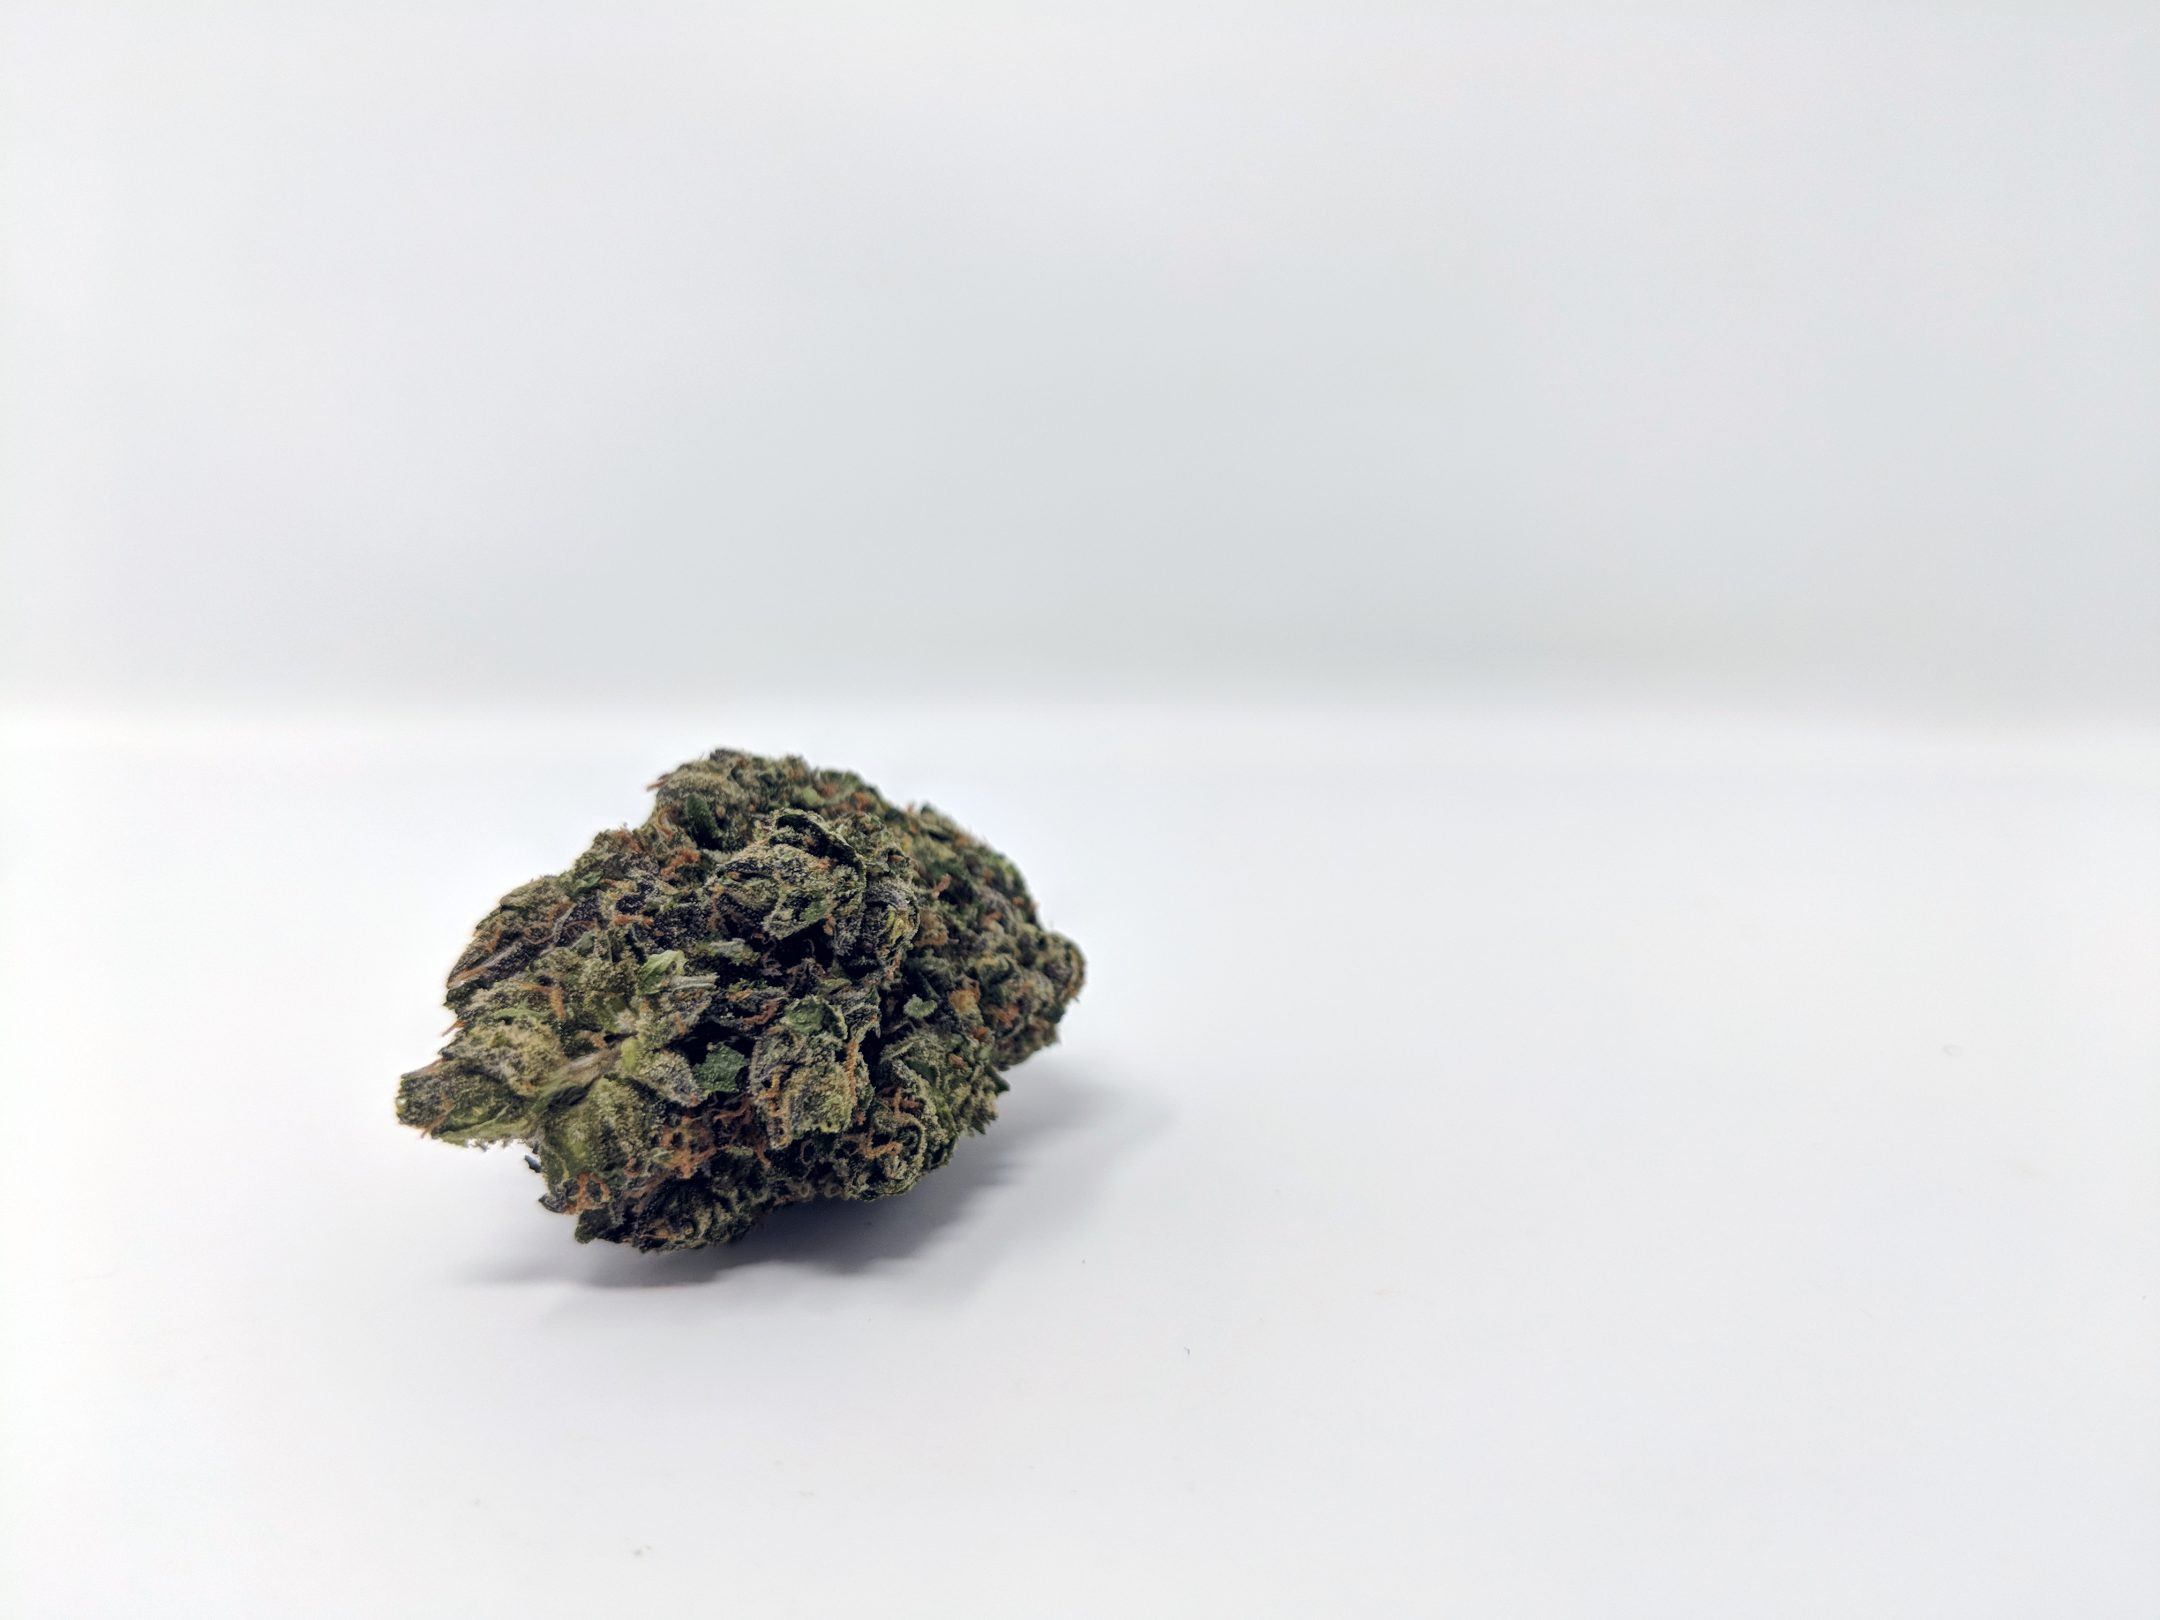 , Gelato 41 Cannabis Strain Review & Information